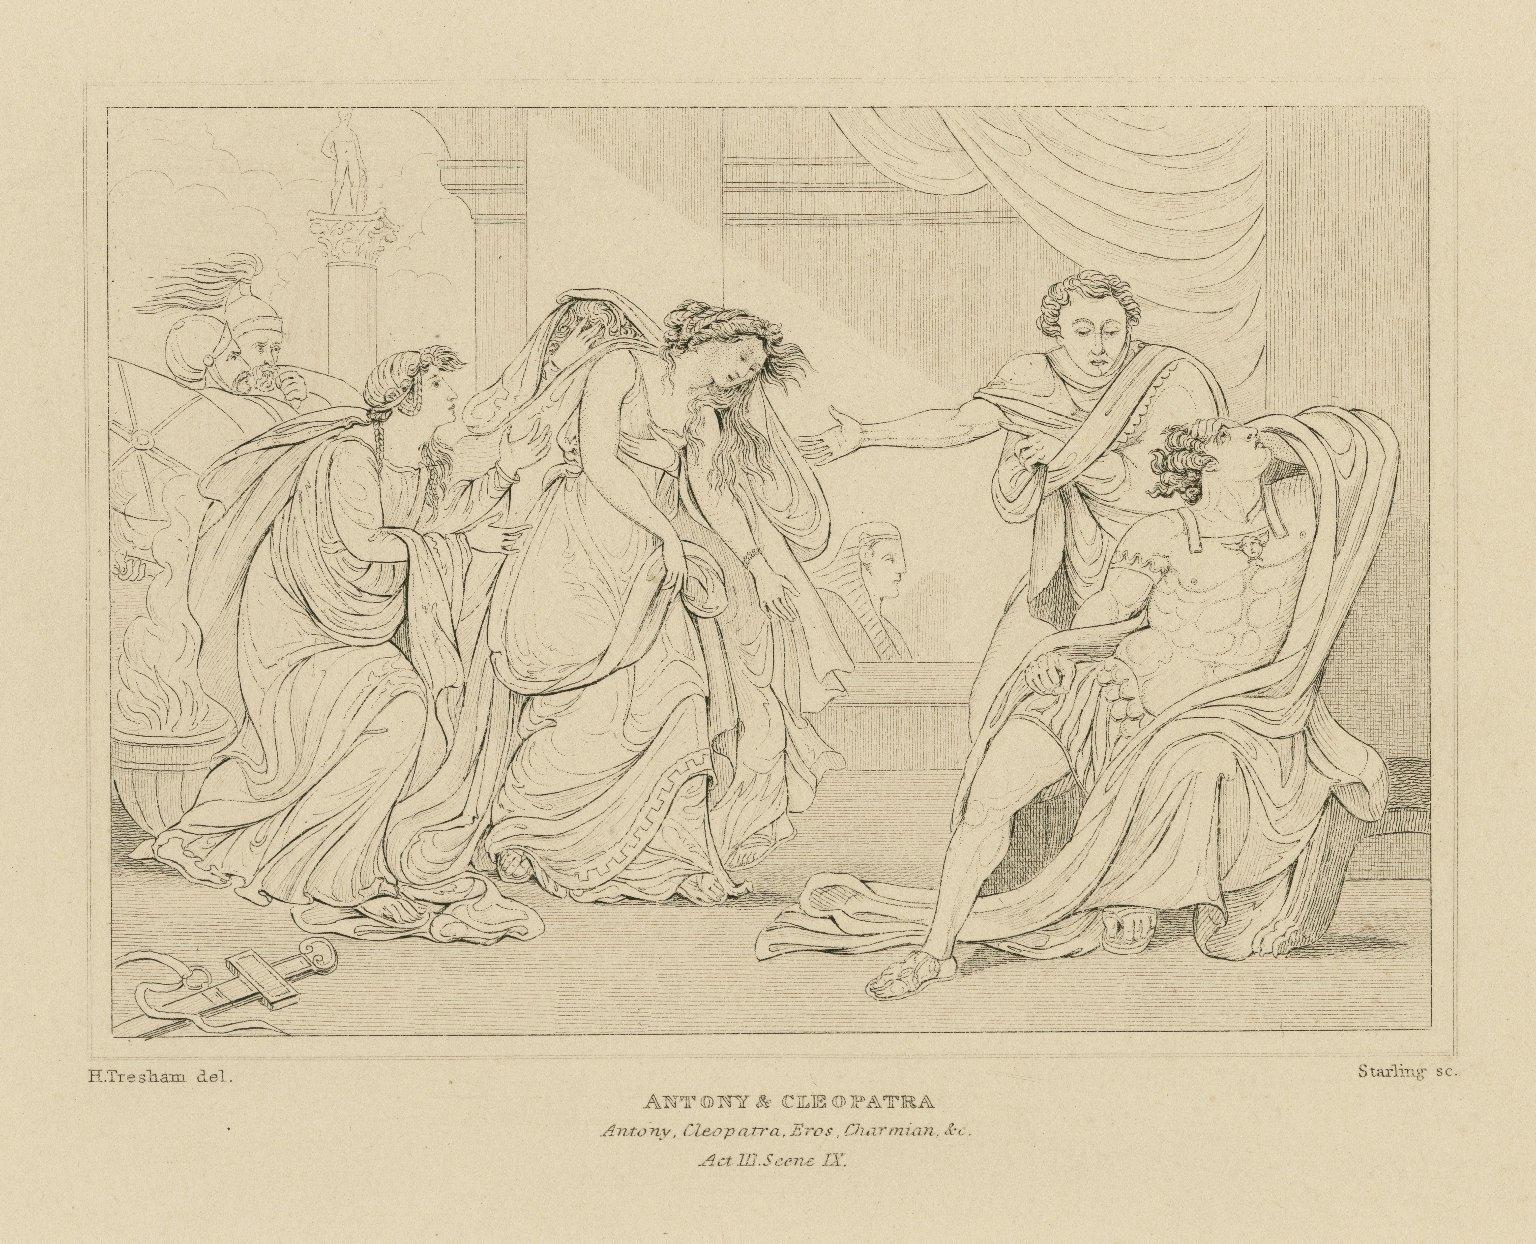 Antony & Cleopatra, Antony, Cleopatra, Eros, Charmian, &c., act III, scene IX [i.e. XI] [graphic] / H. Tresham del. ; Starling sc.